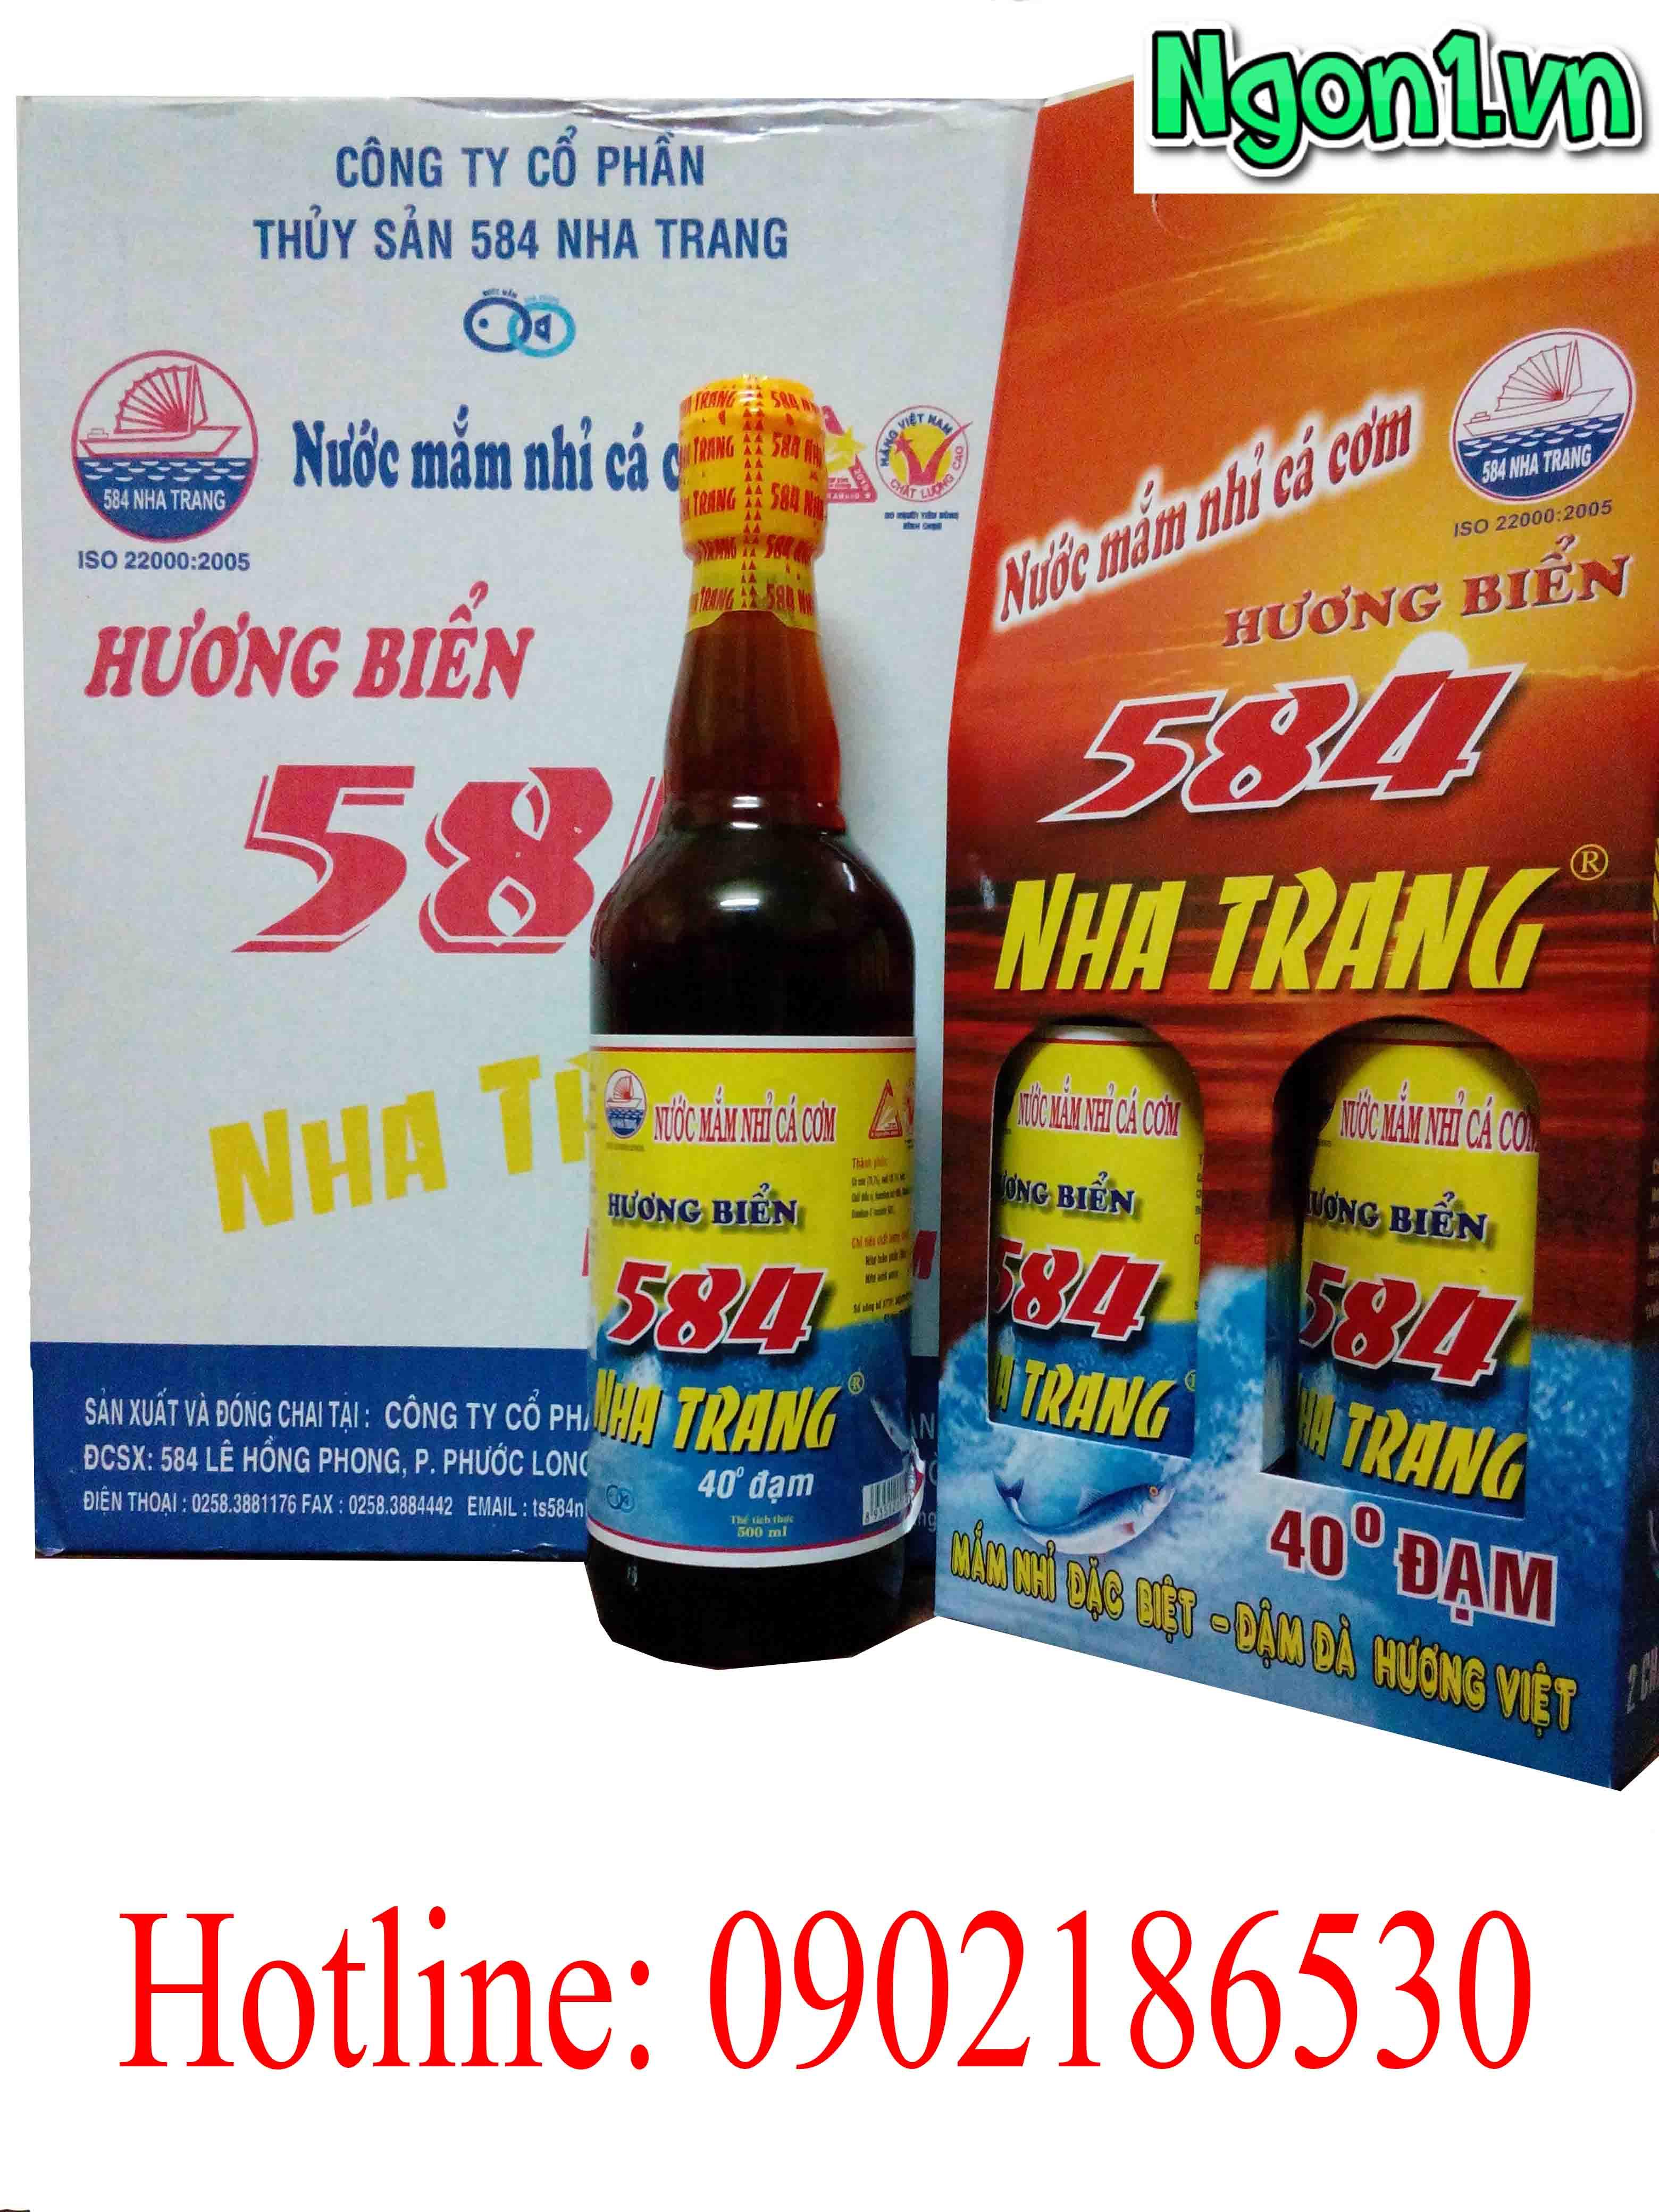 Nước mắm Nha Trang 40 độ đạm chai thủy tinh 500ml